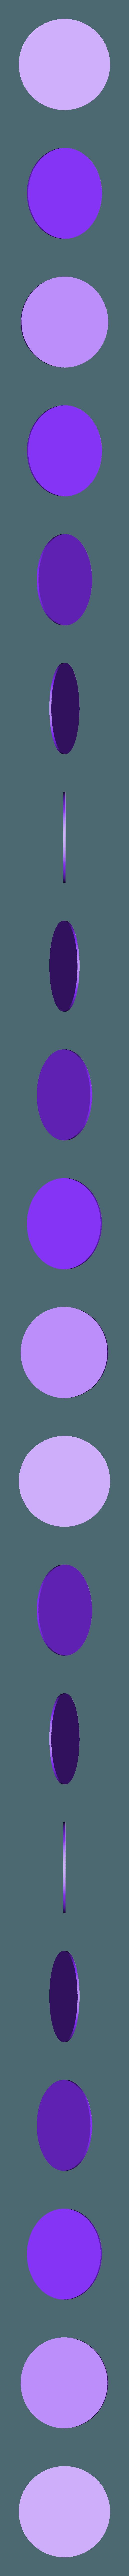 Plinth.stl Download free STL file Fidget Spinner for Smaller Hands - Spinner B • 3D printer model, crzldesign